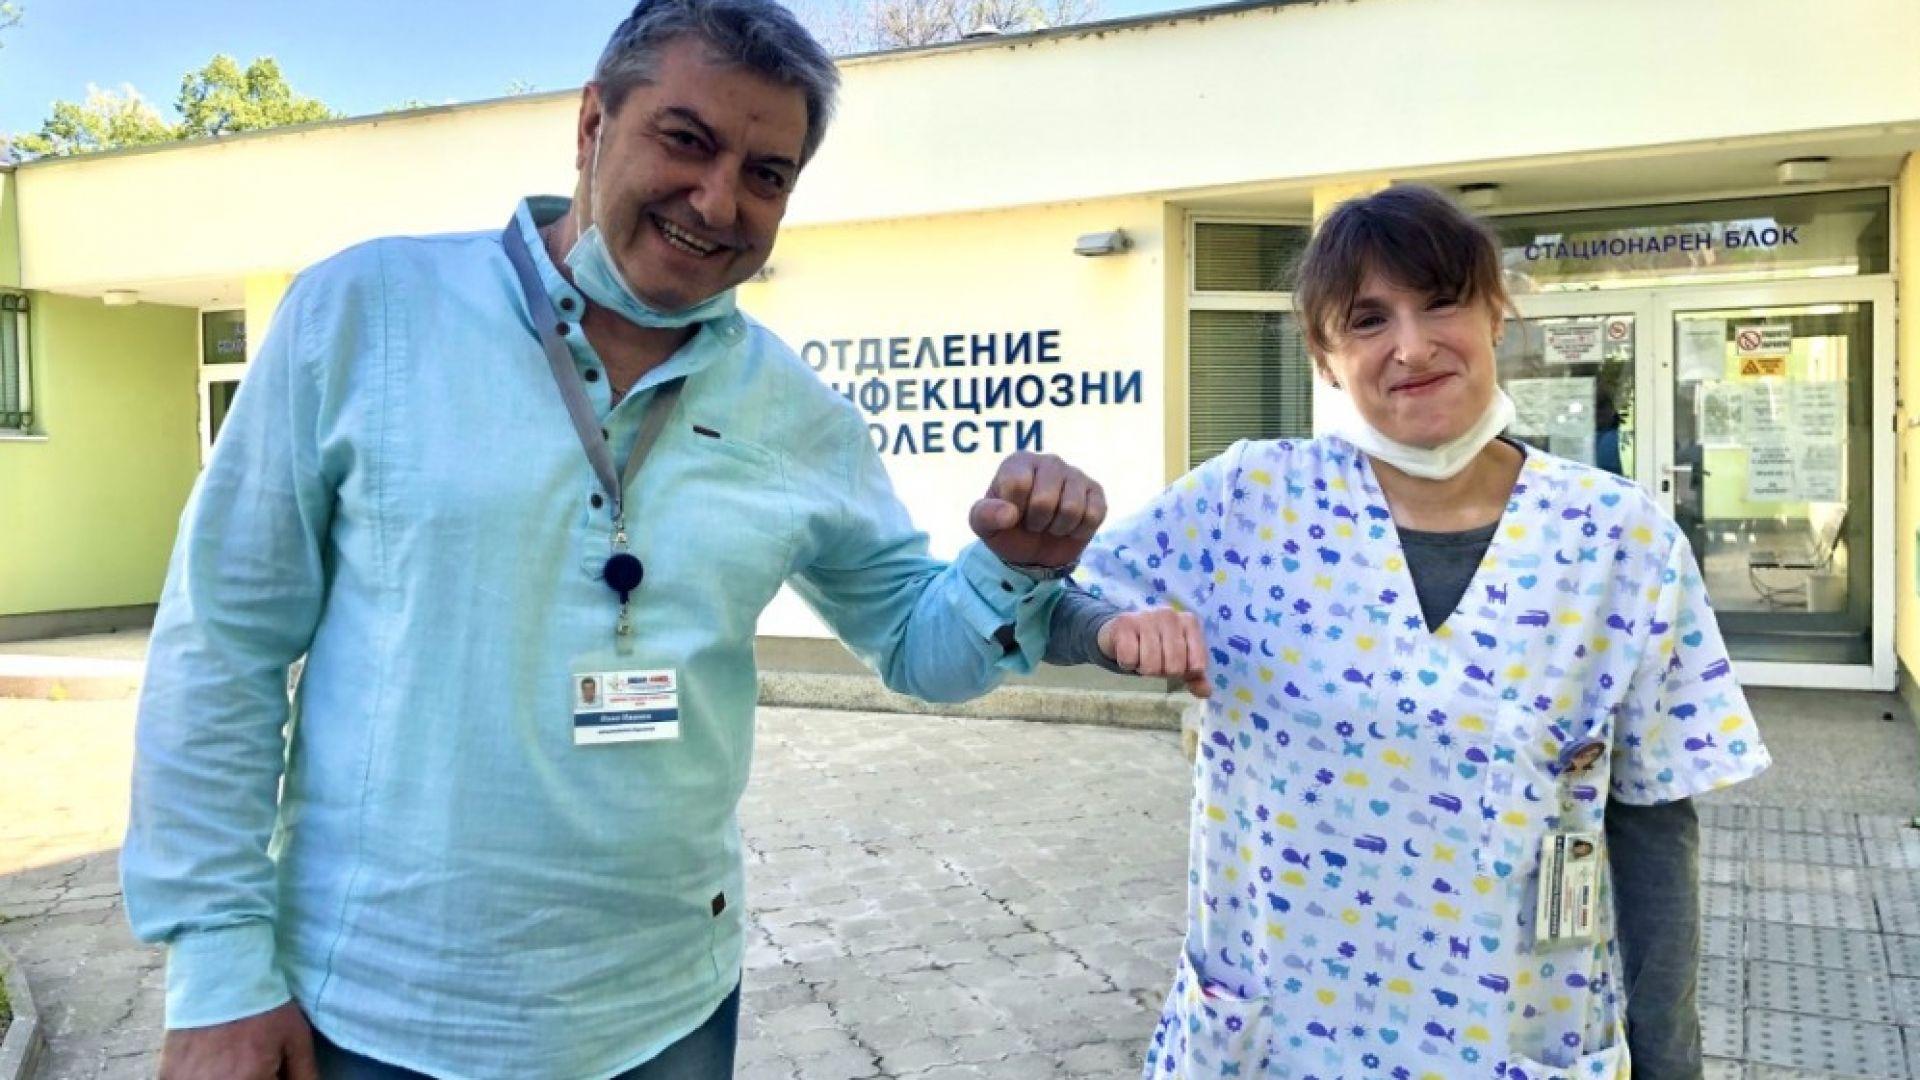 Първият пациент на Университетската болница